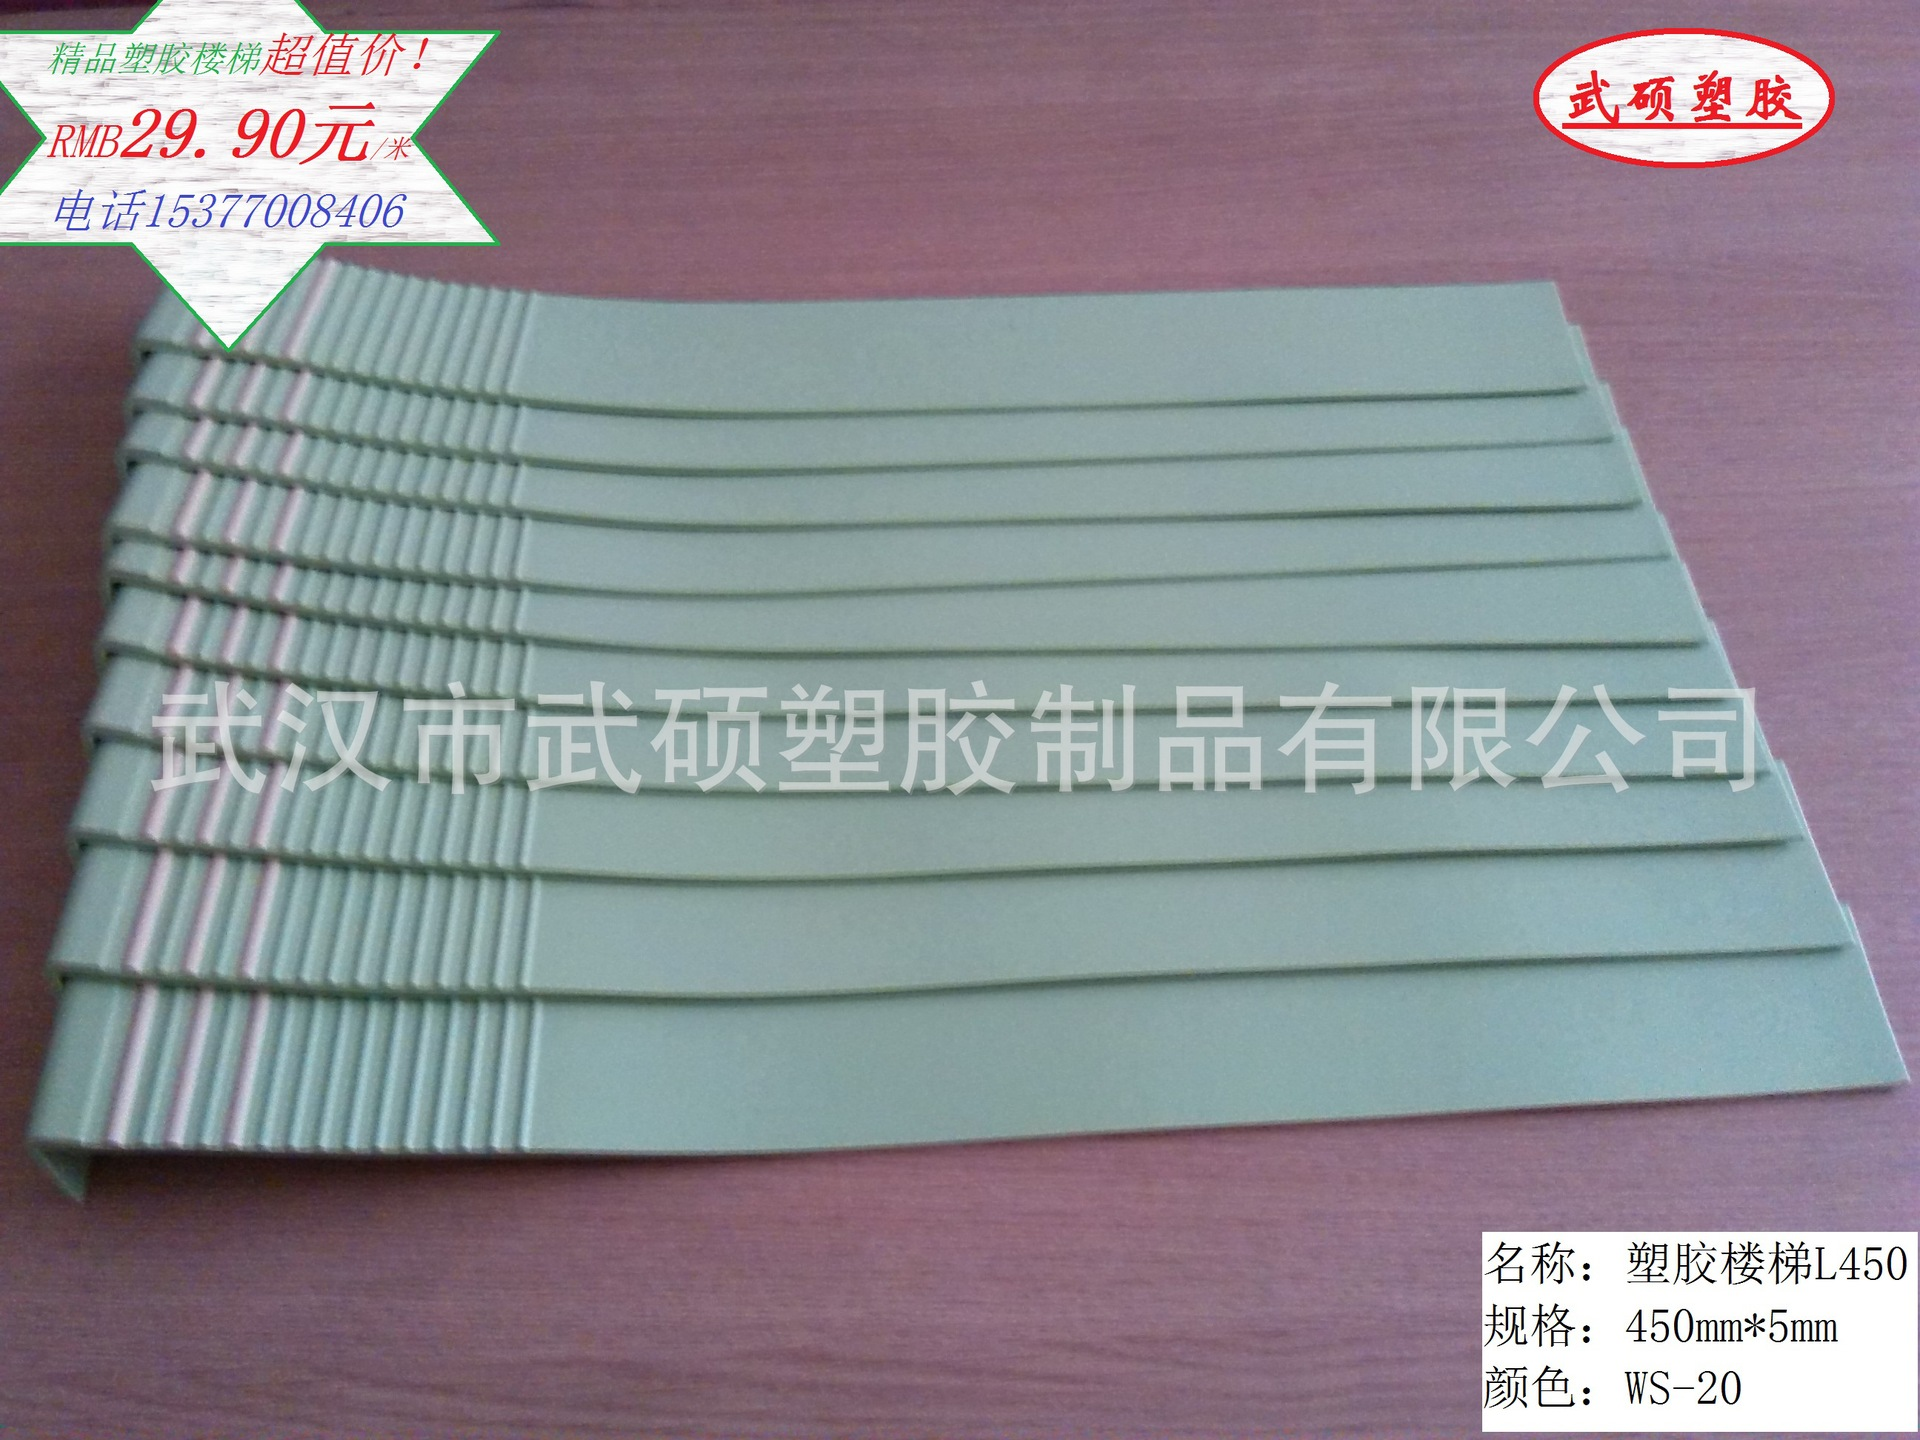 湖南7字形楼梯踏步PVC防滑条塑料地板材料辅材批发